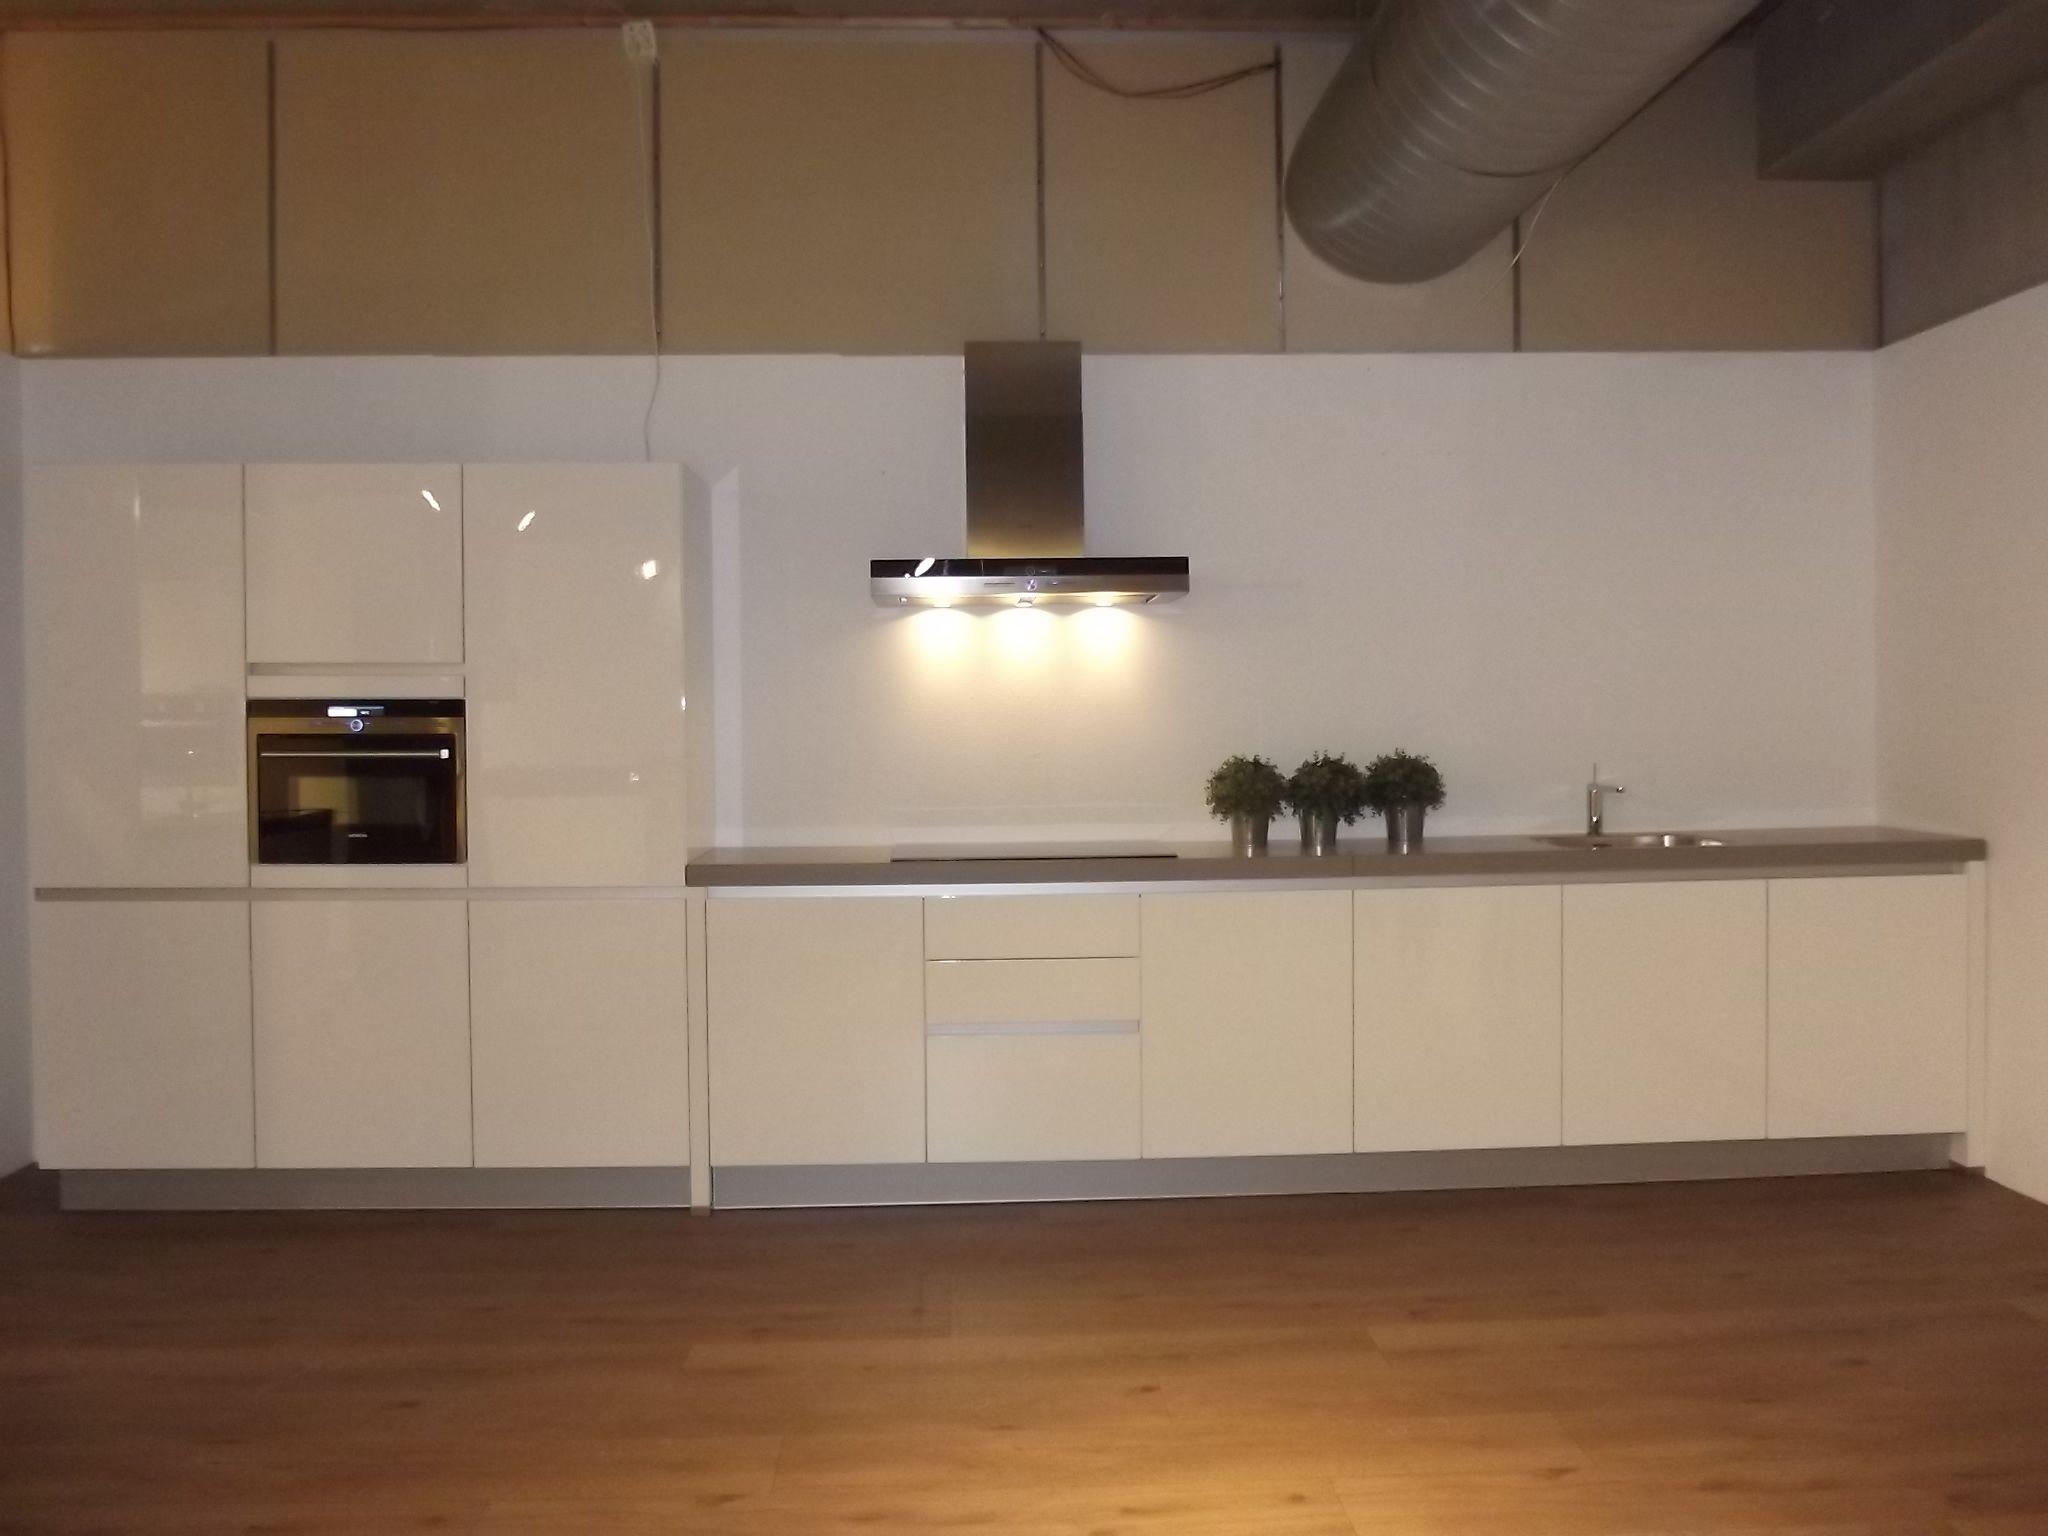 Rechte keuken 5 meter huis galerij - Keuken ontwerp ideeen ...